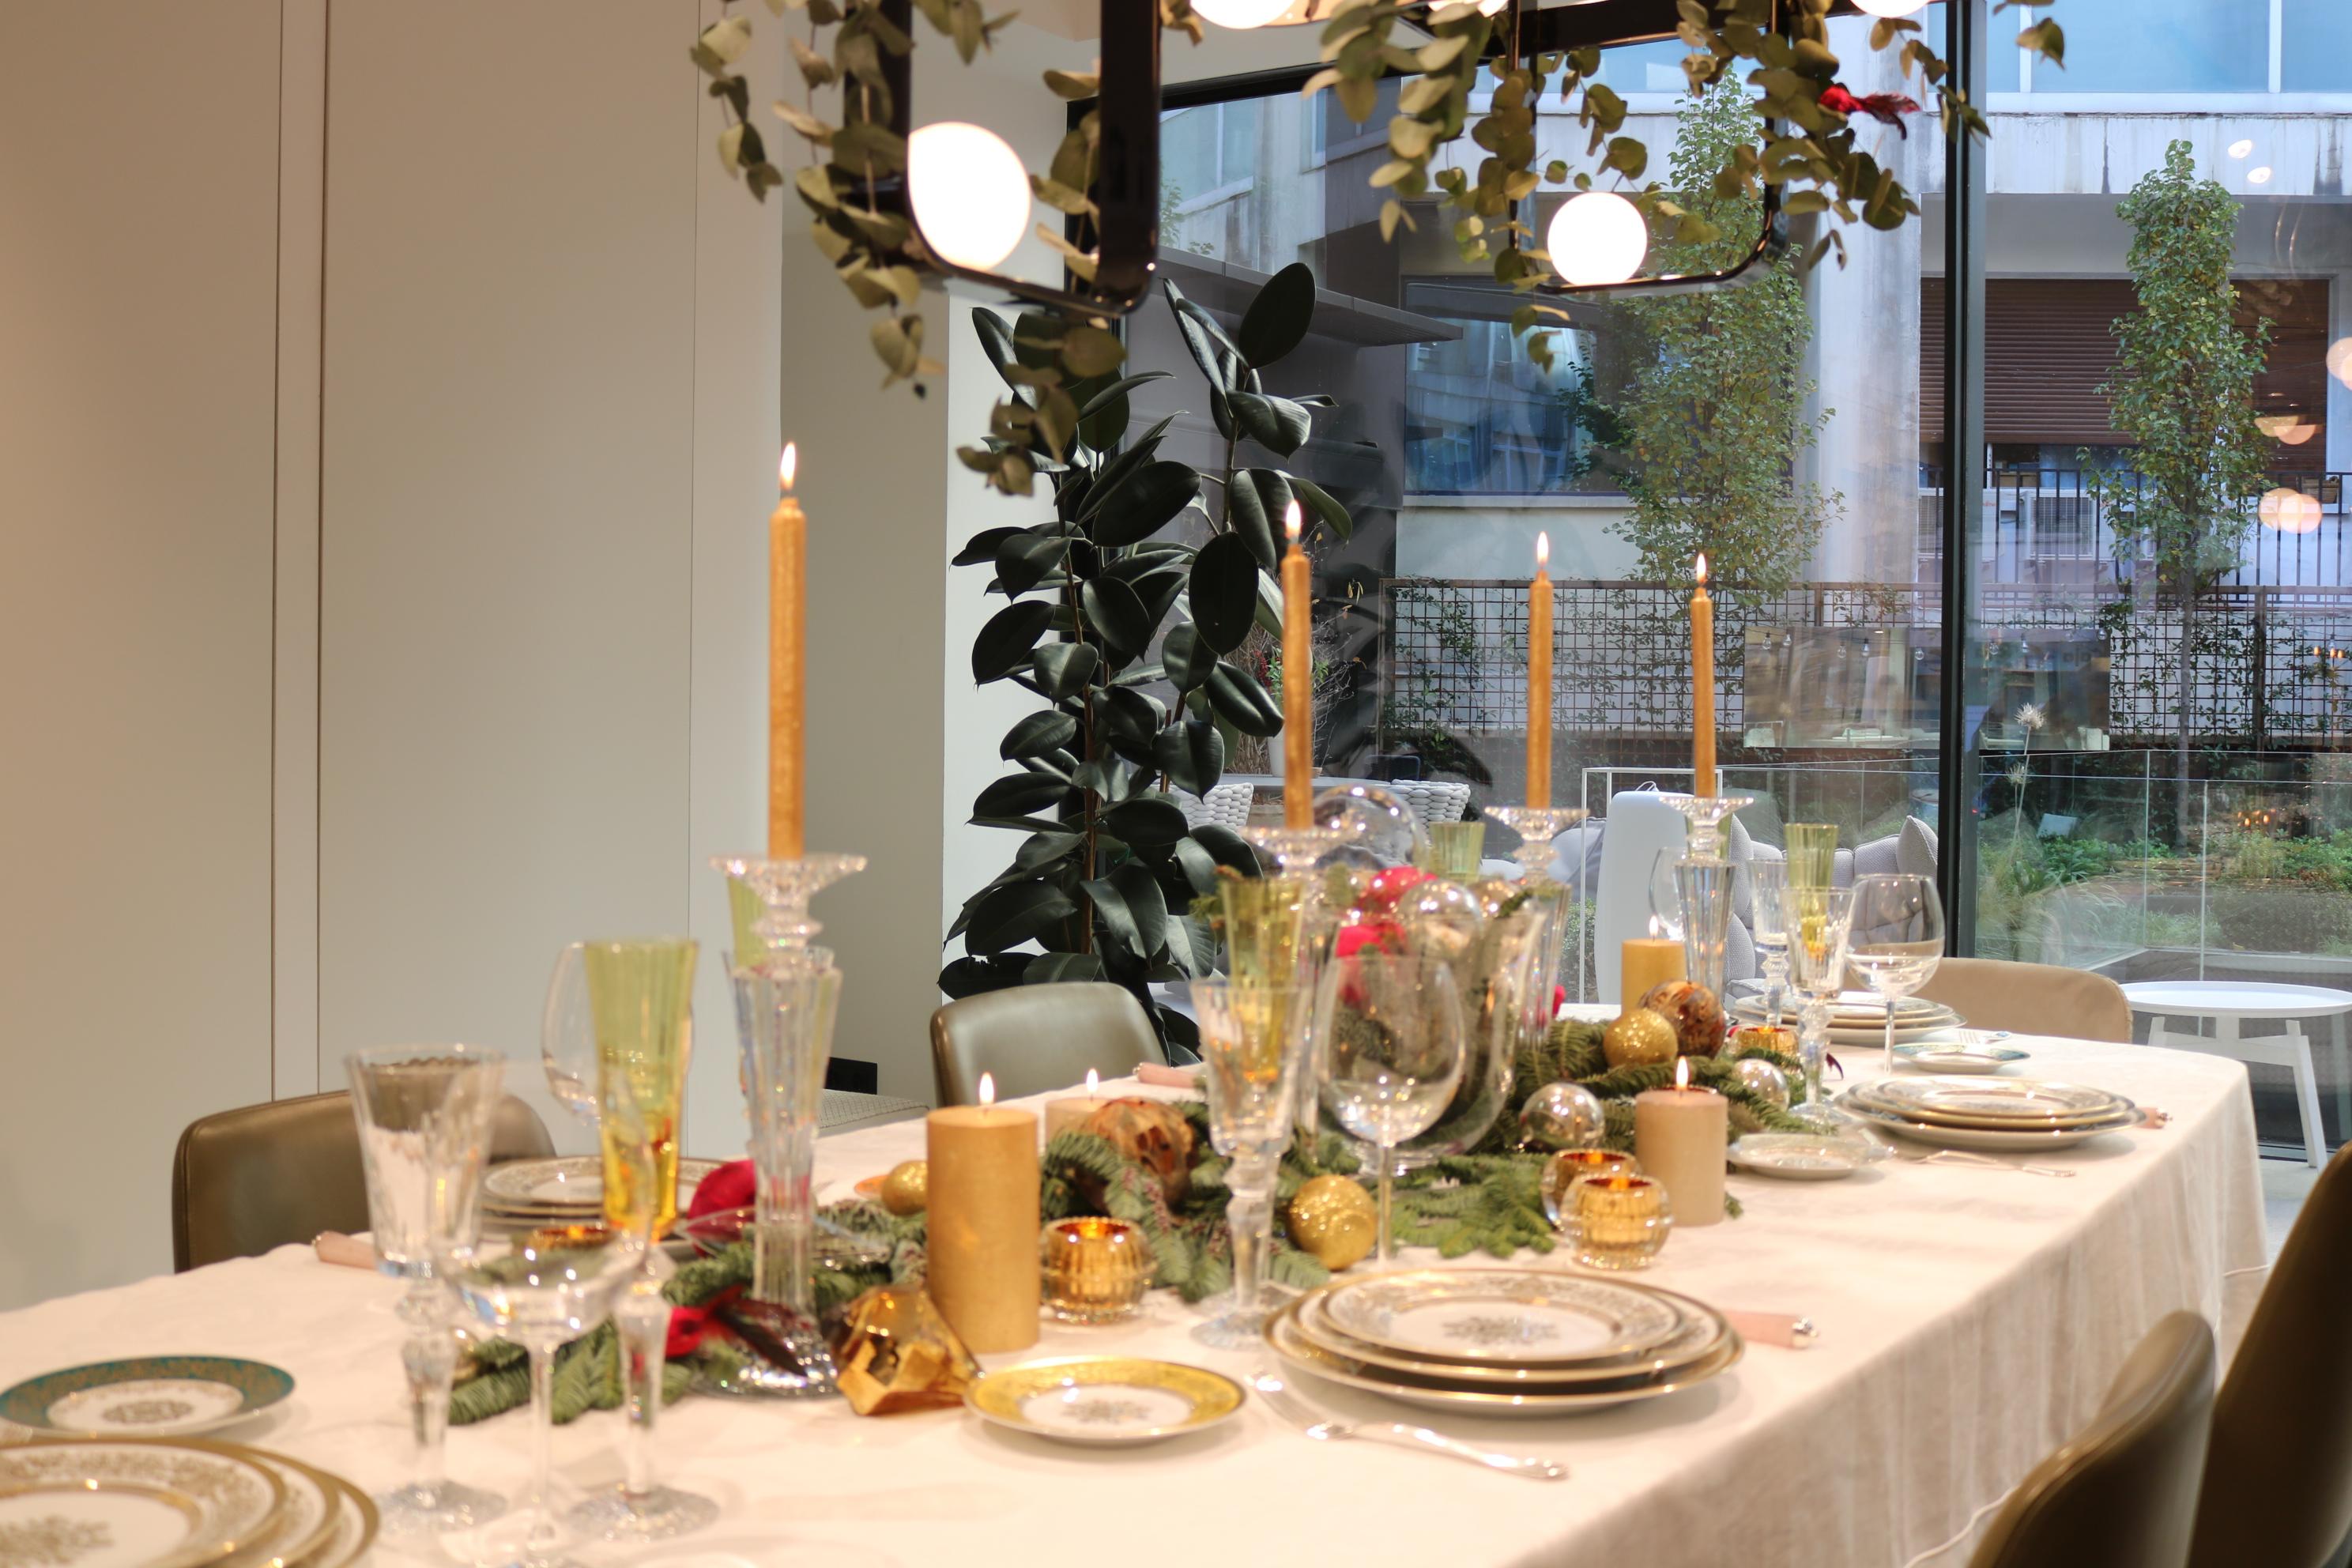 Arredare Tavola Natale come apparecchiare la tavola di natale — idealista/news